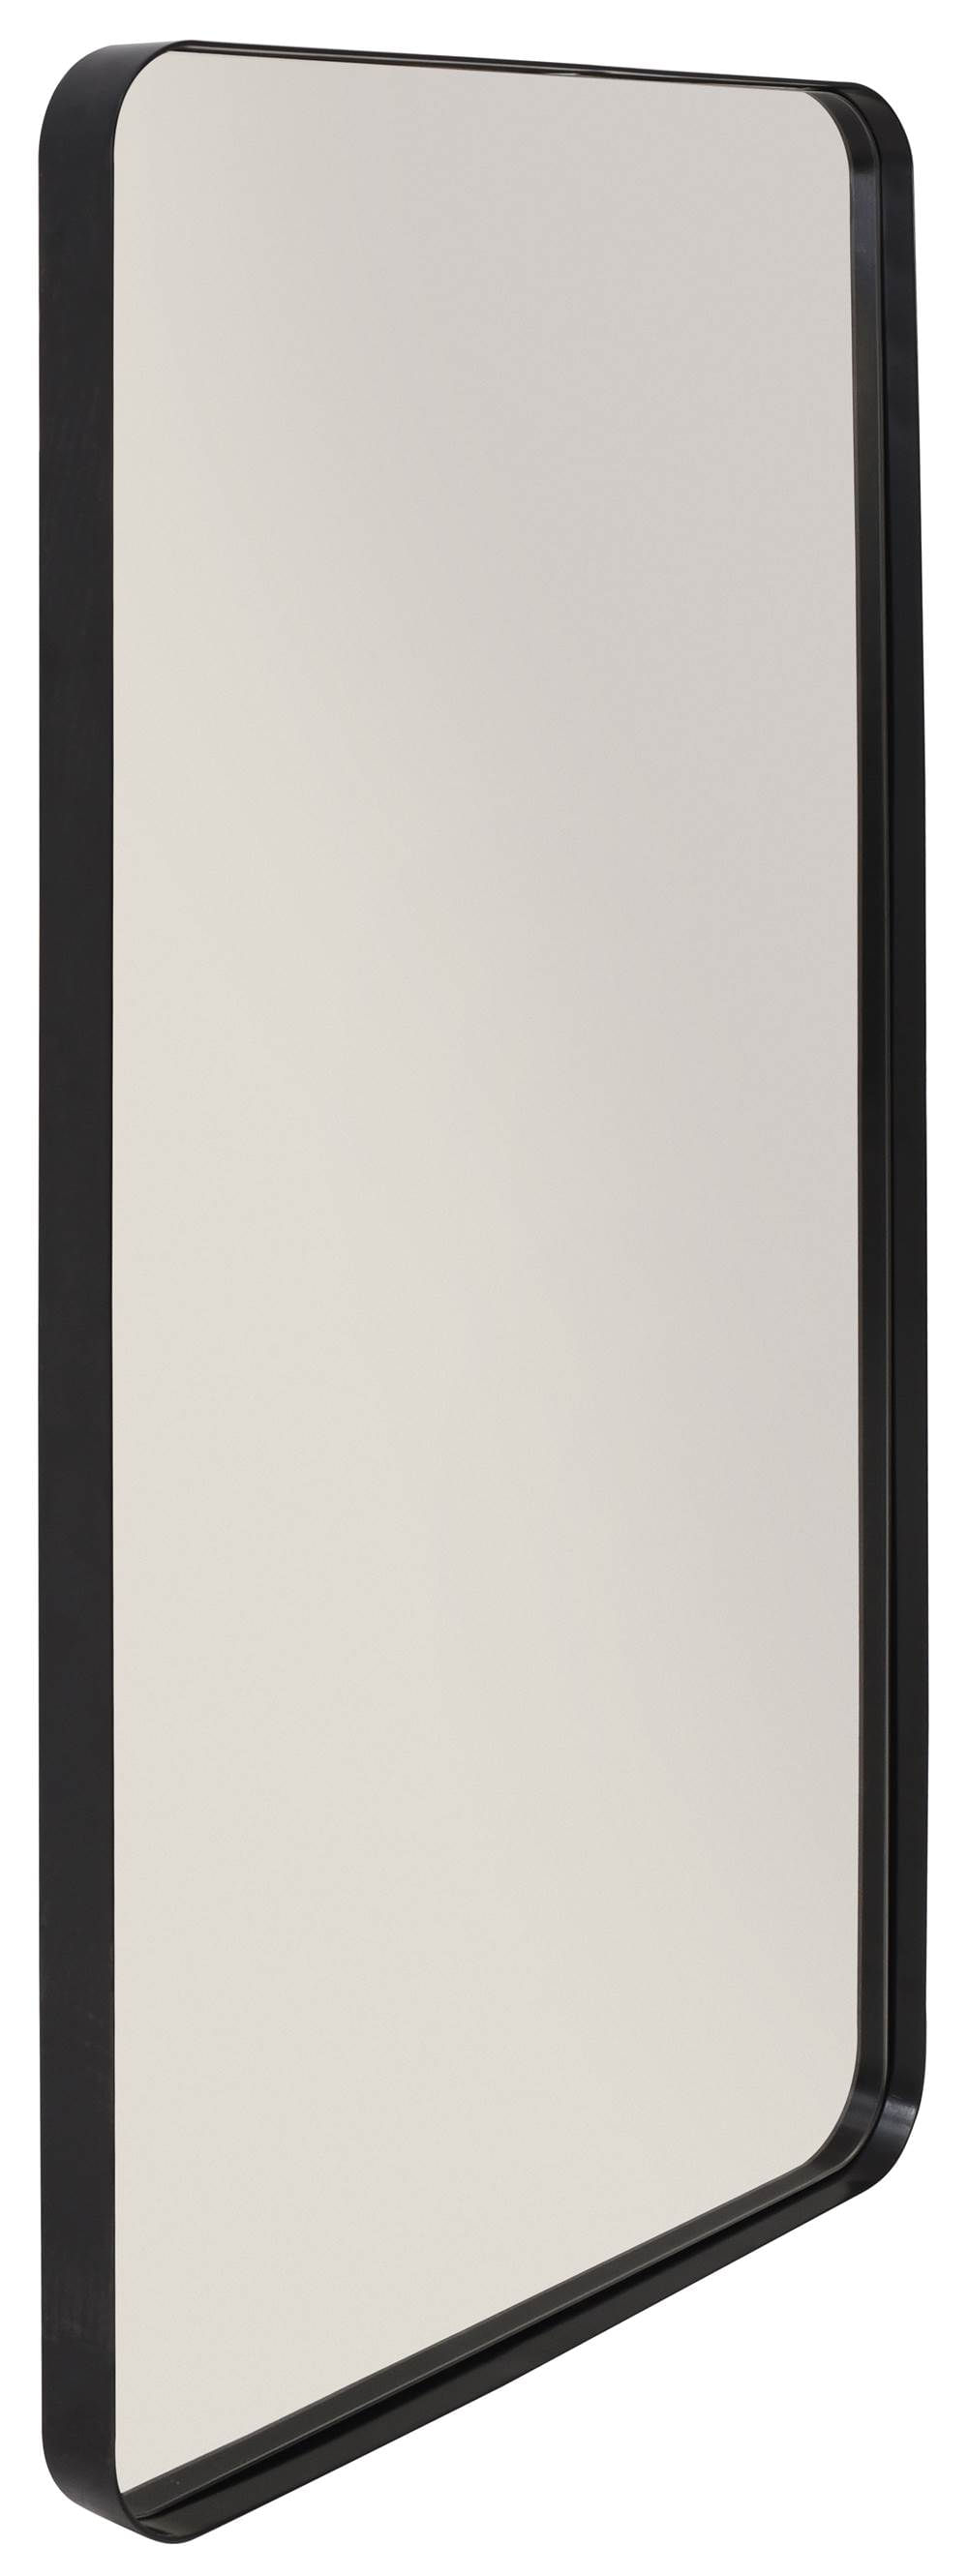 Espelho Retangular Pereque Preto 80 cm (ALT) - 41461